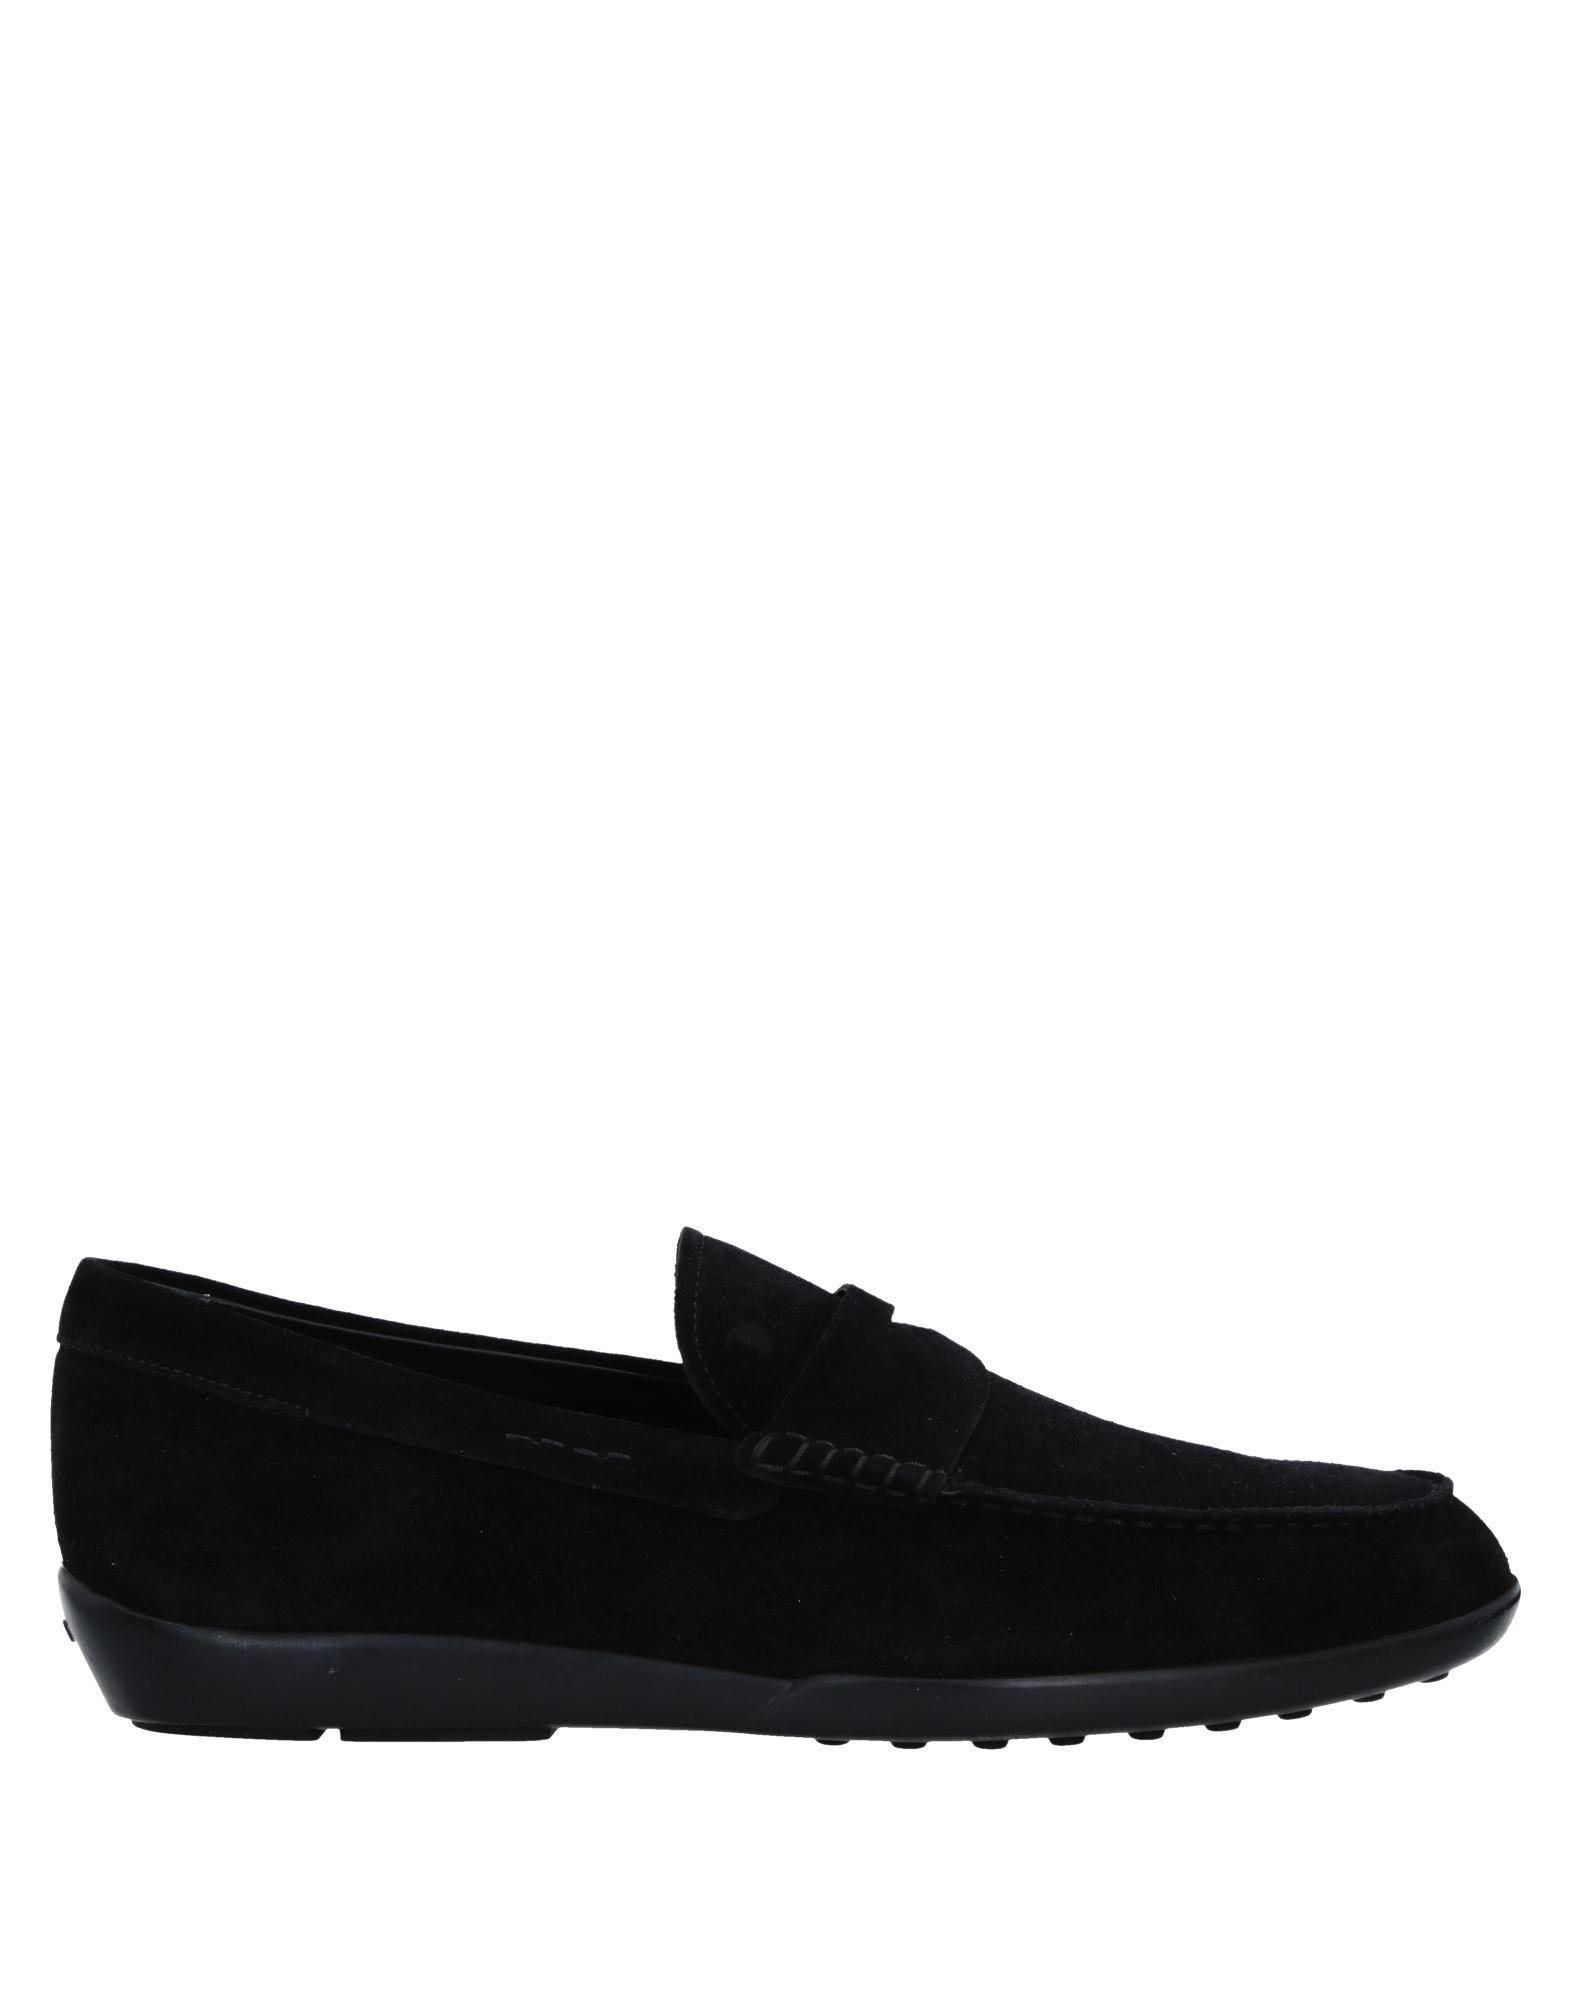 Tod's Mokassins Herren  11541134RT Gute Qualität beliebte Schuhe